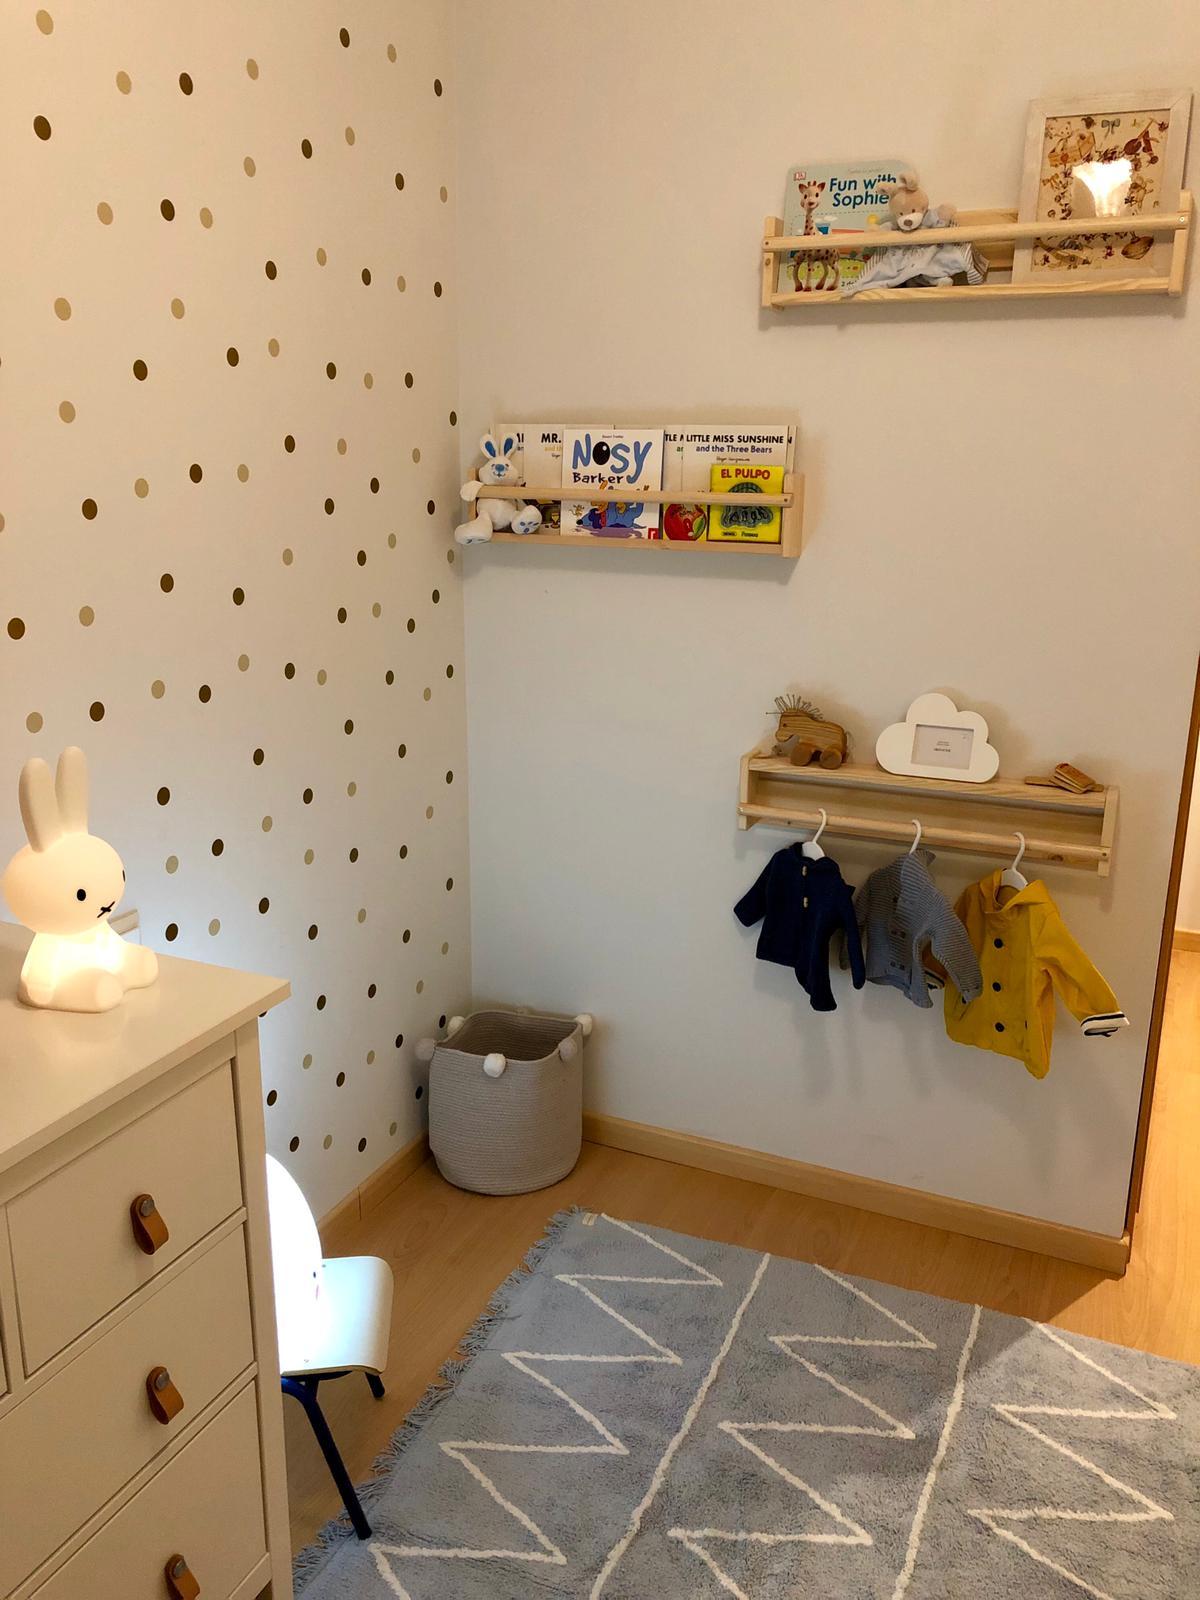 Después de proyecto de interiorismo Montessori en tonos neutros y estilo nórdico-clásico en Madrid por Ana Utrilla @Utrillanais